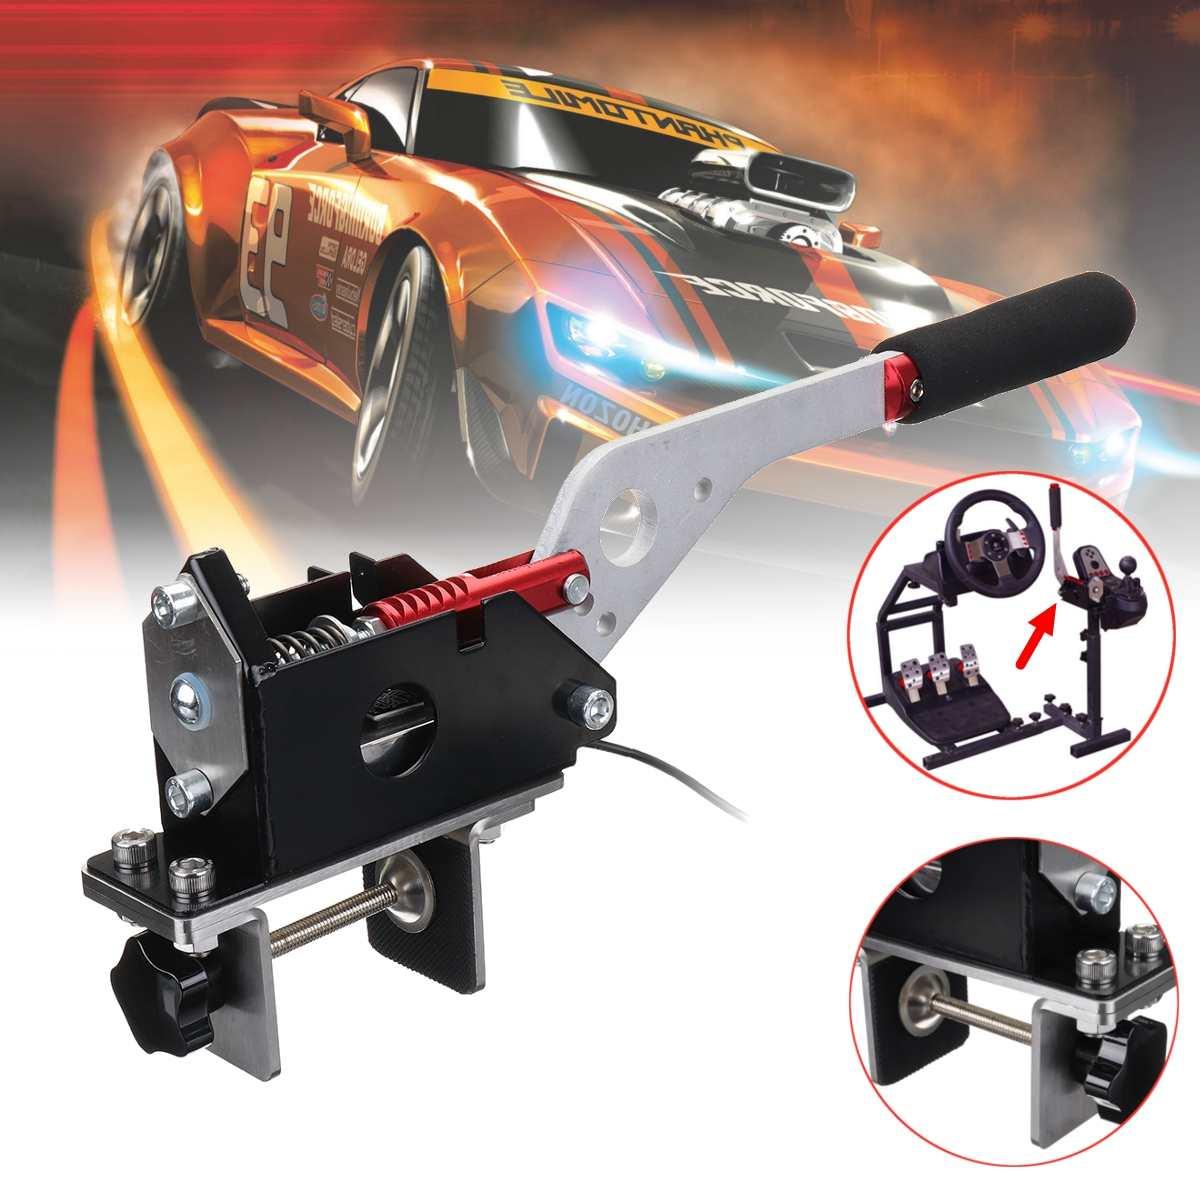 USB Freno A Mano SIM PC Finestre Morsetto per Giochi di Corse G25/27/29 T500 FANATECOSW DIRT RALLY senza Apparecchio